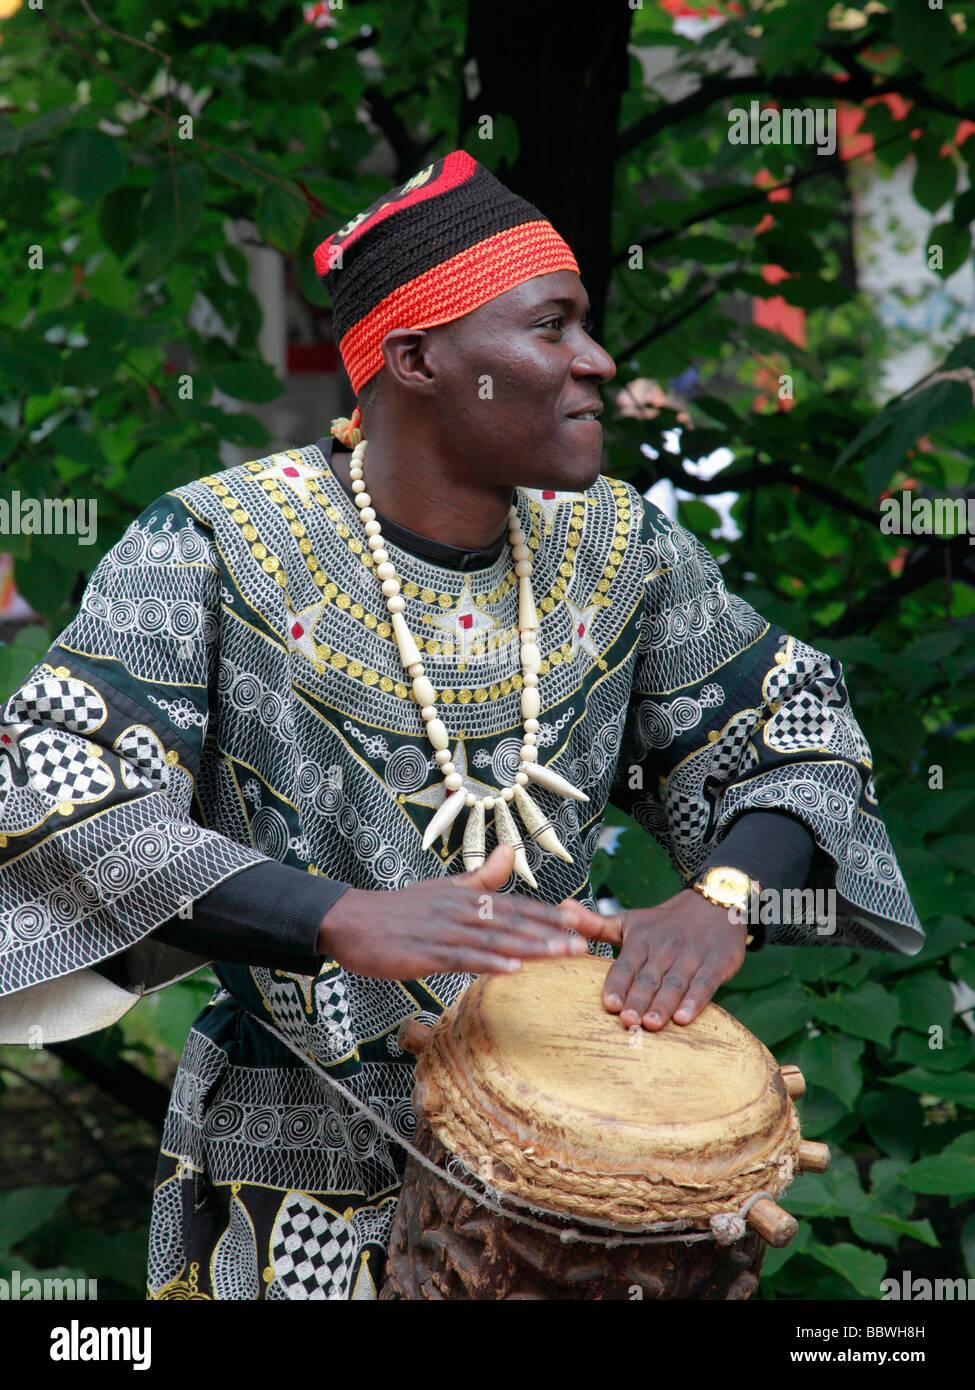 Germania Berlino Il Carnevale delle culture africane batterista musicista Immagini Stock